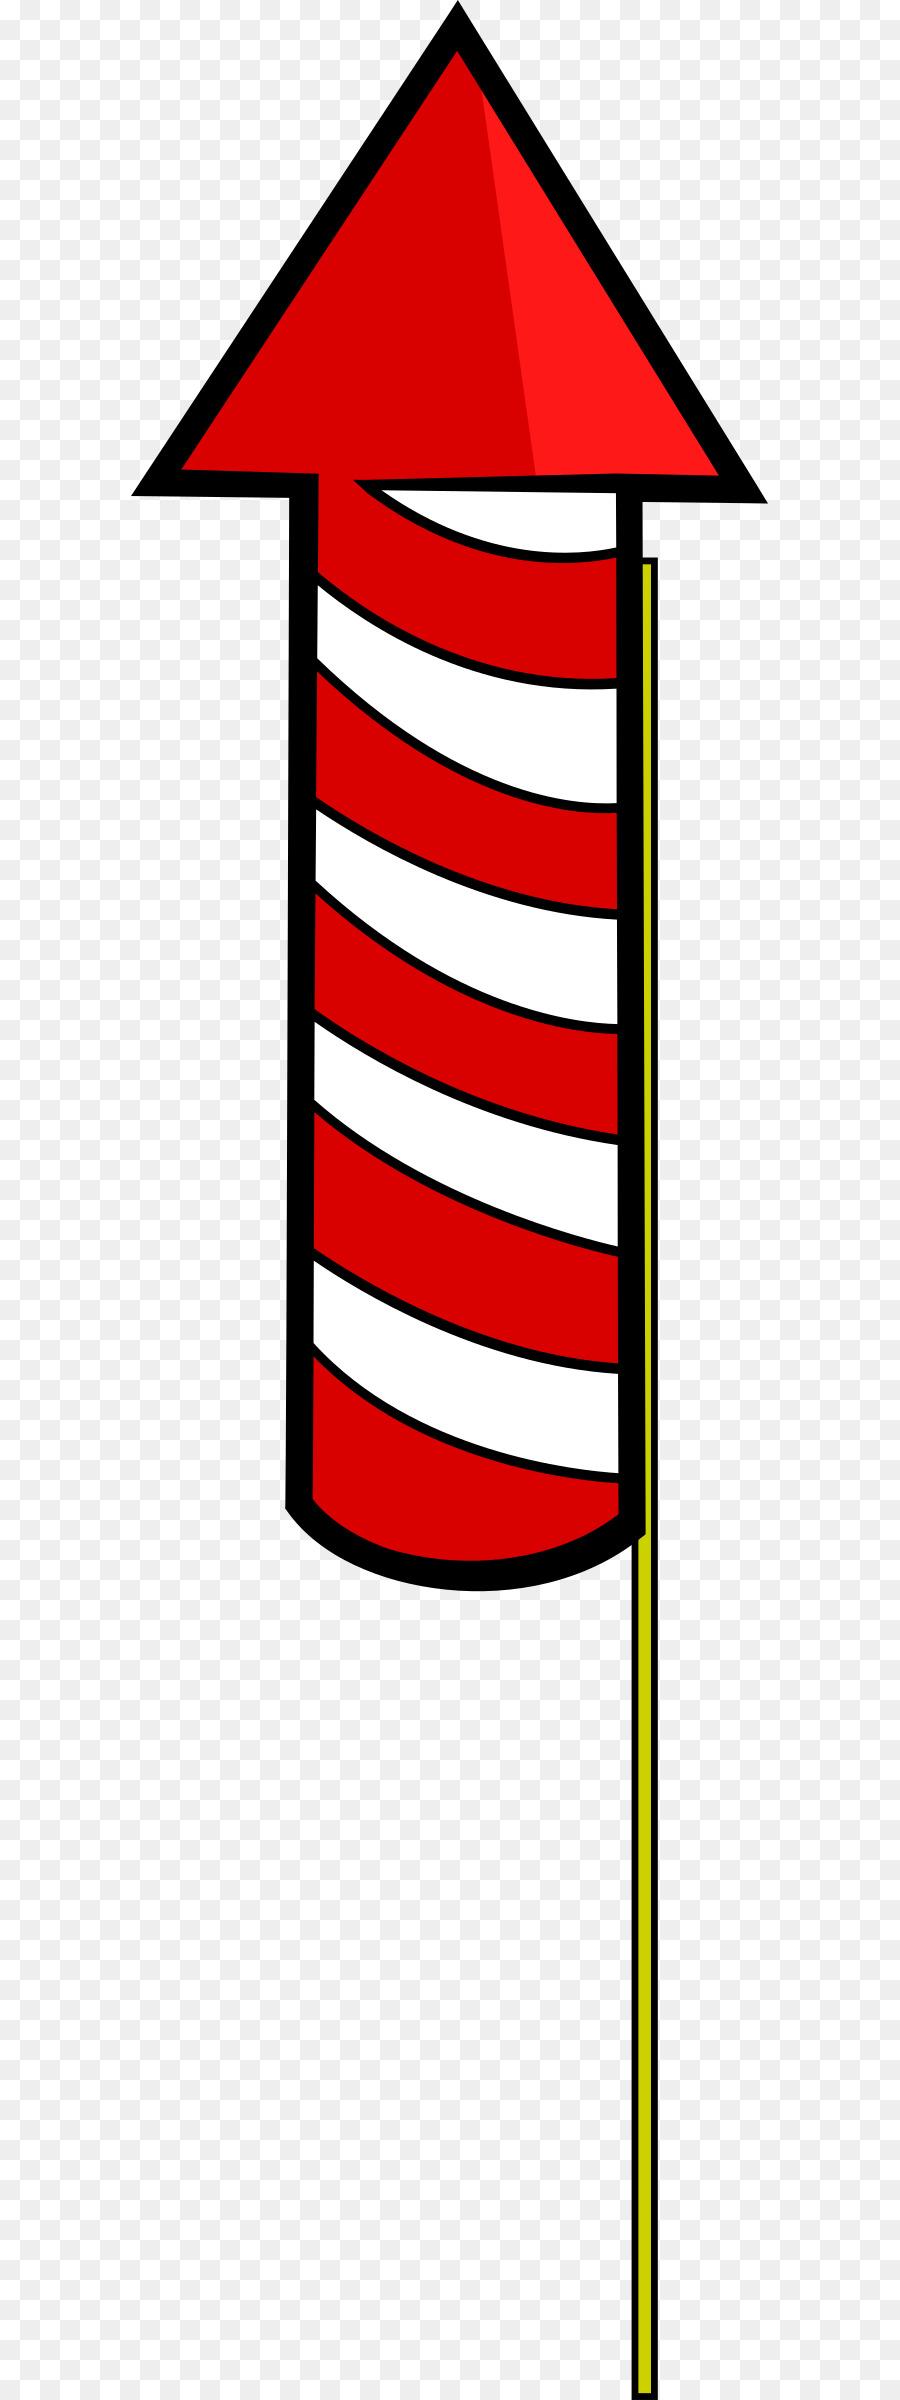 bottle rocket fireworks firecracker clip art diwali png download rh kisspng com firecracker clipart png firecracker clip art free